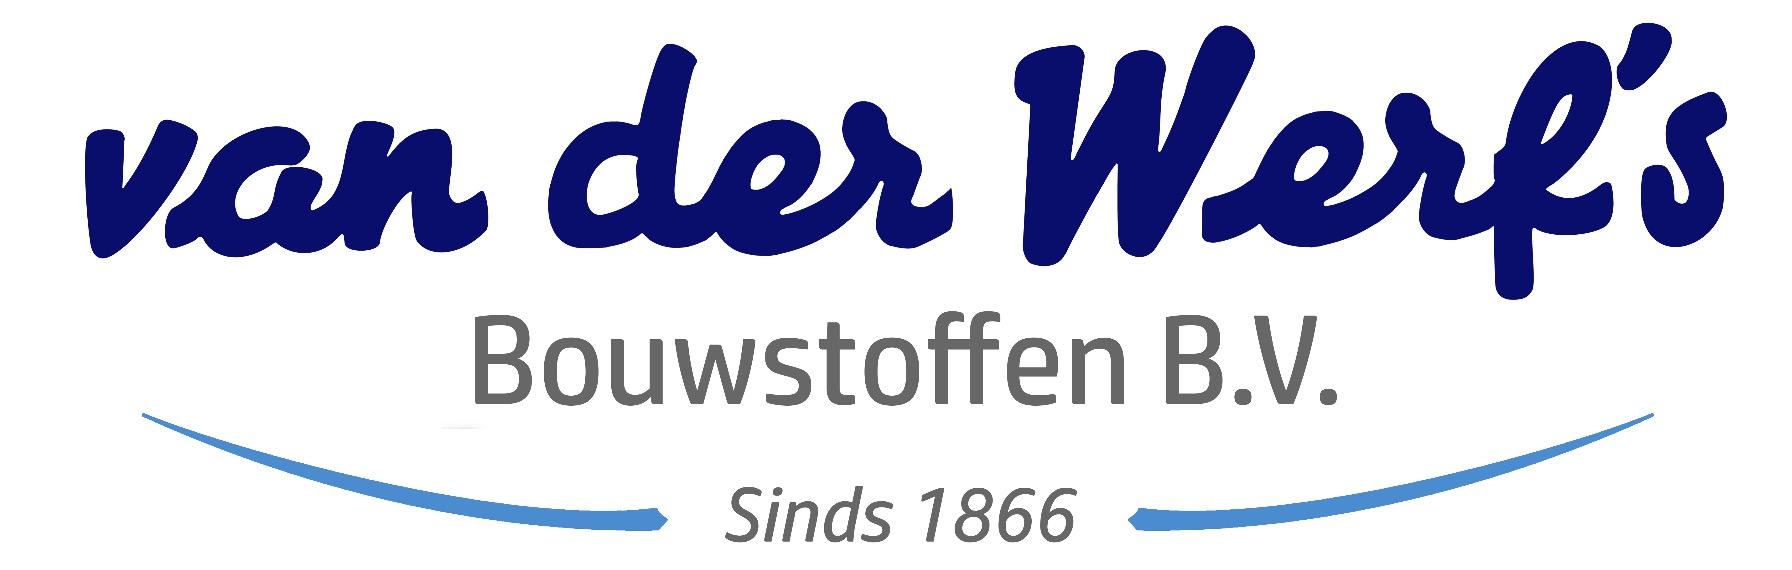 Van der Werf's Bouwstoffen